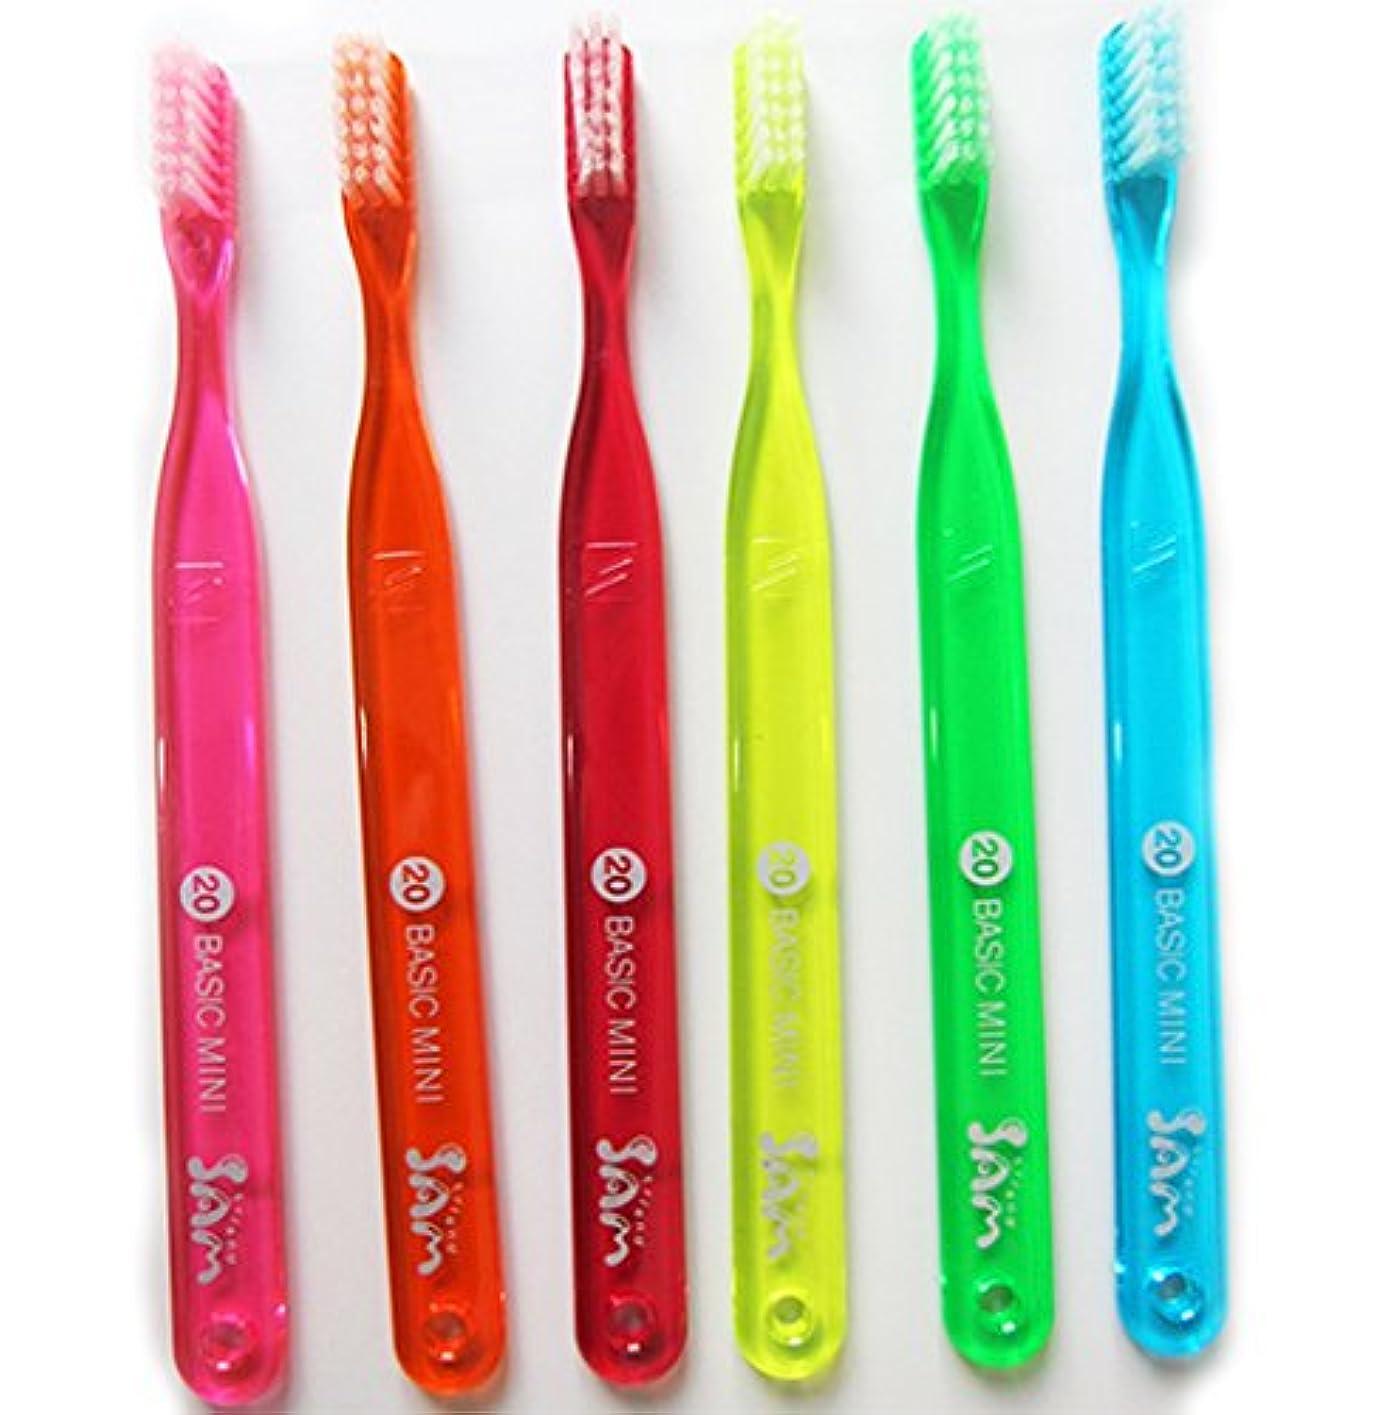 韻四半期許すサムフレンド 【歯ブラシ】【サムフレンド 20】【6本】サムフレンド歯ブラシ20 BASIC MEDIUM Mini 6色セット【歯科